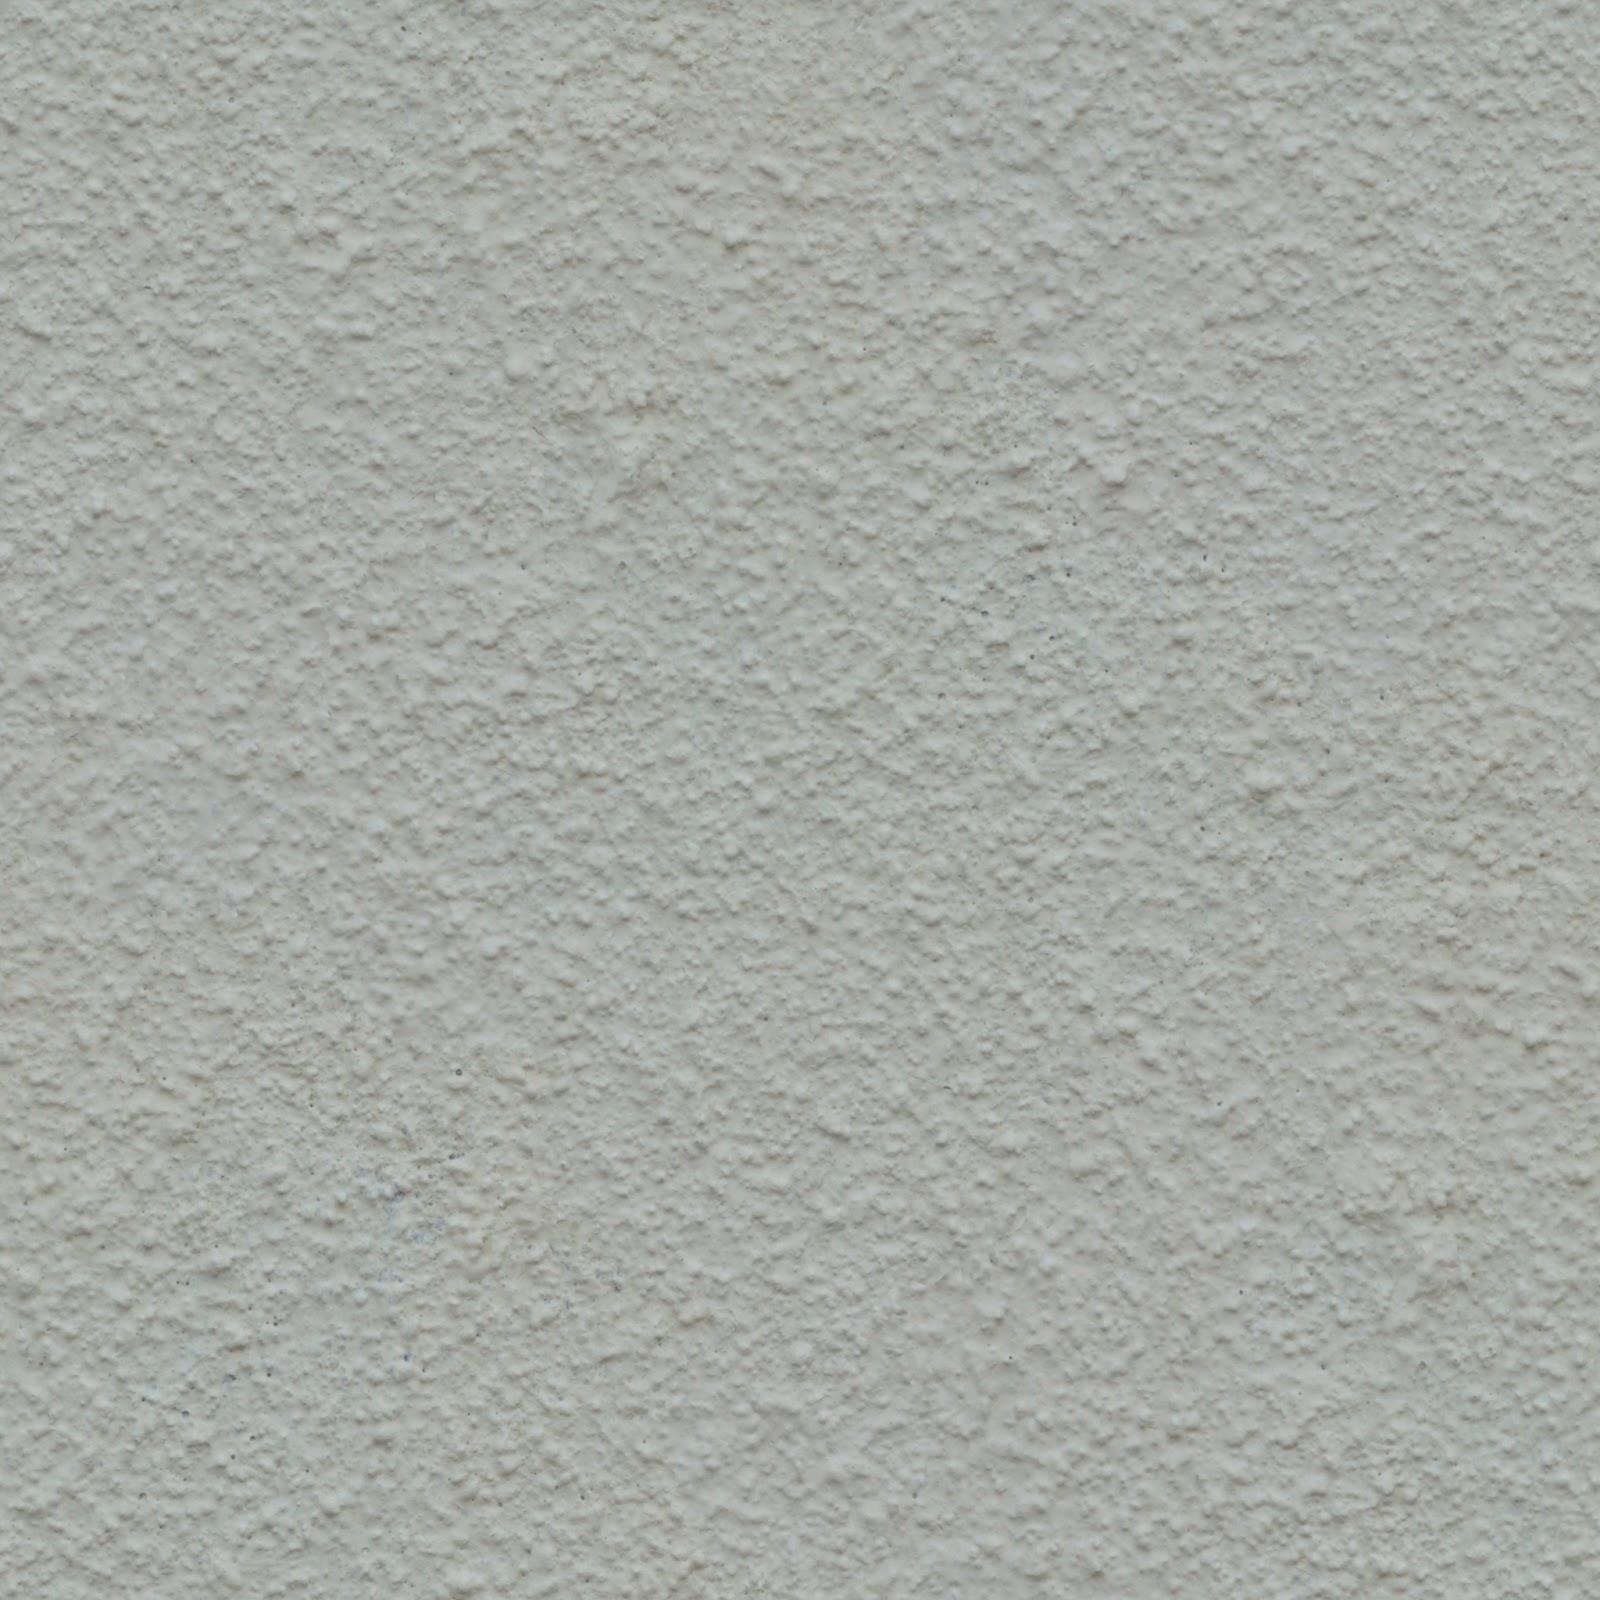 High Resolution Seamless Textures December